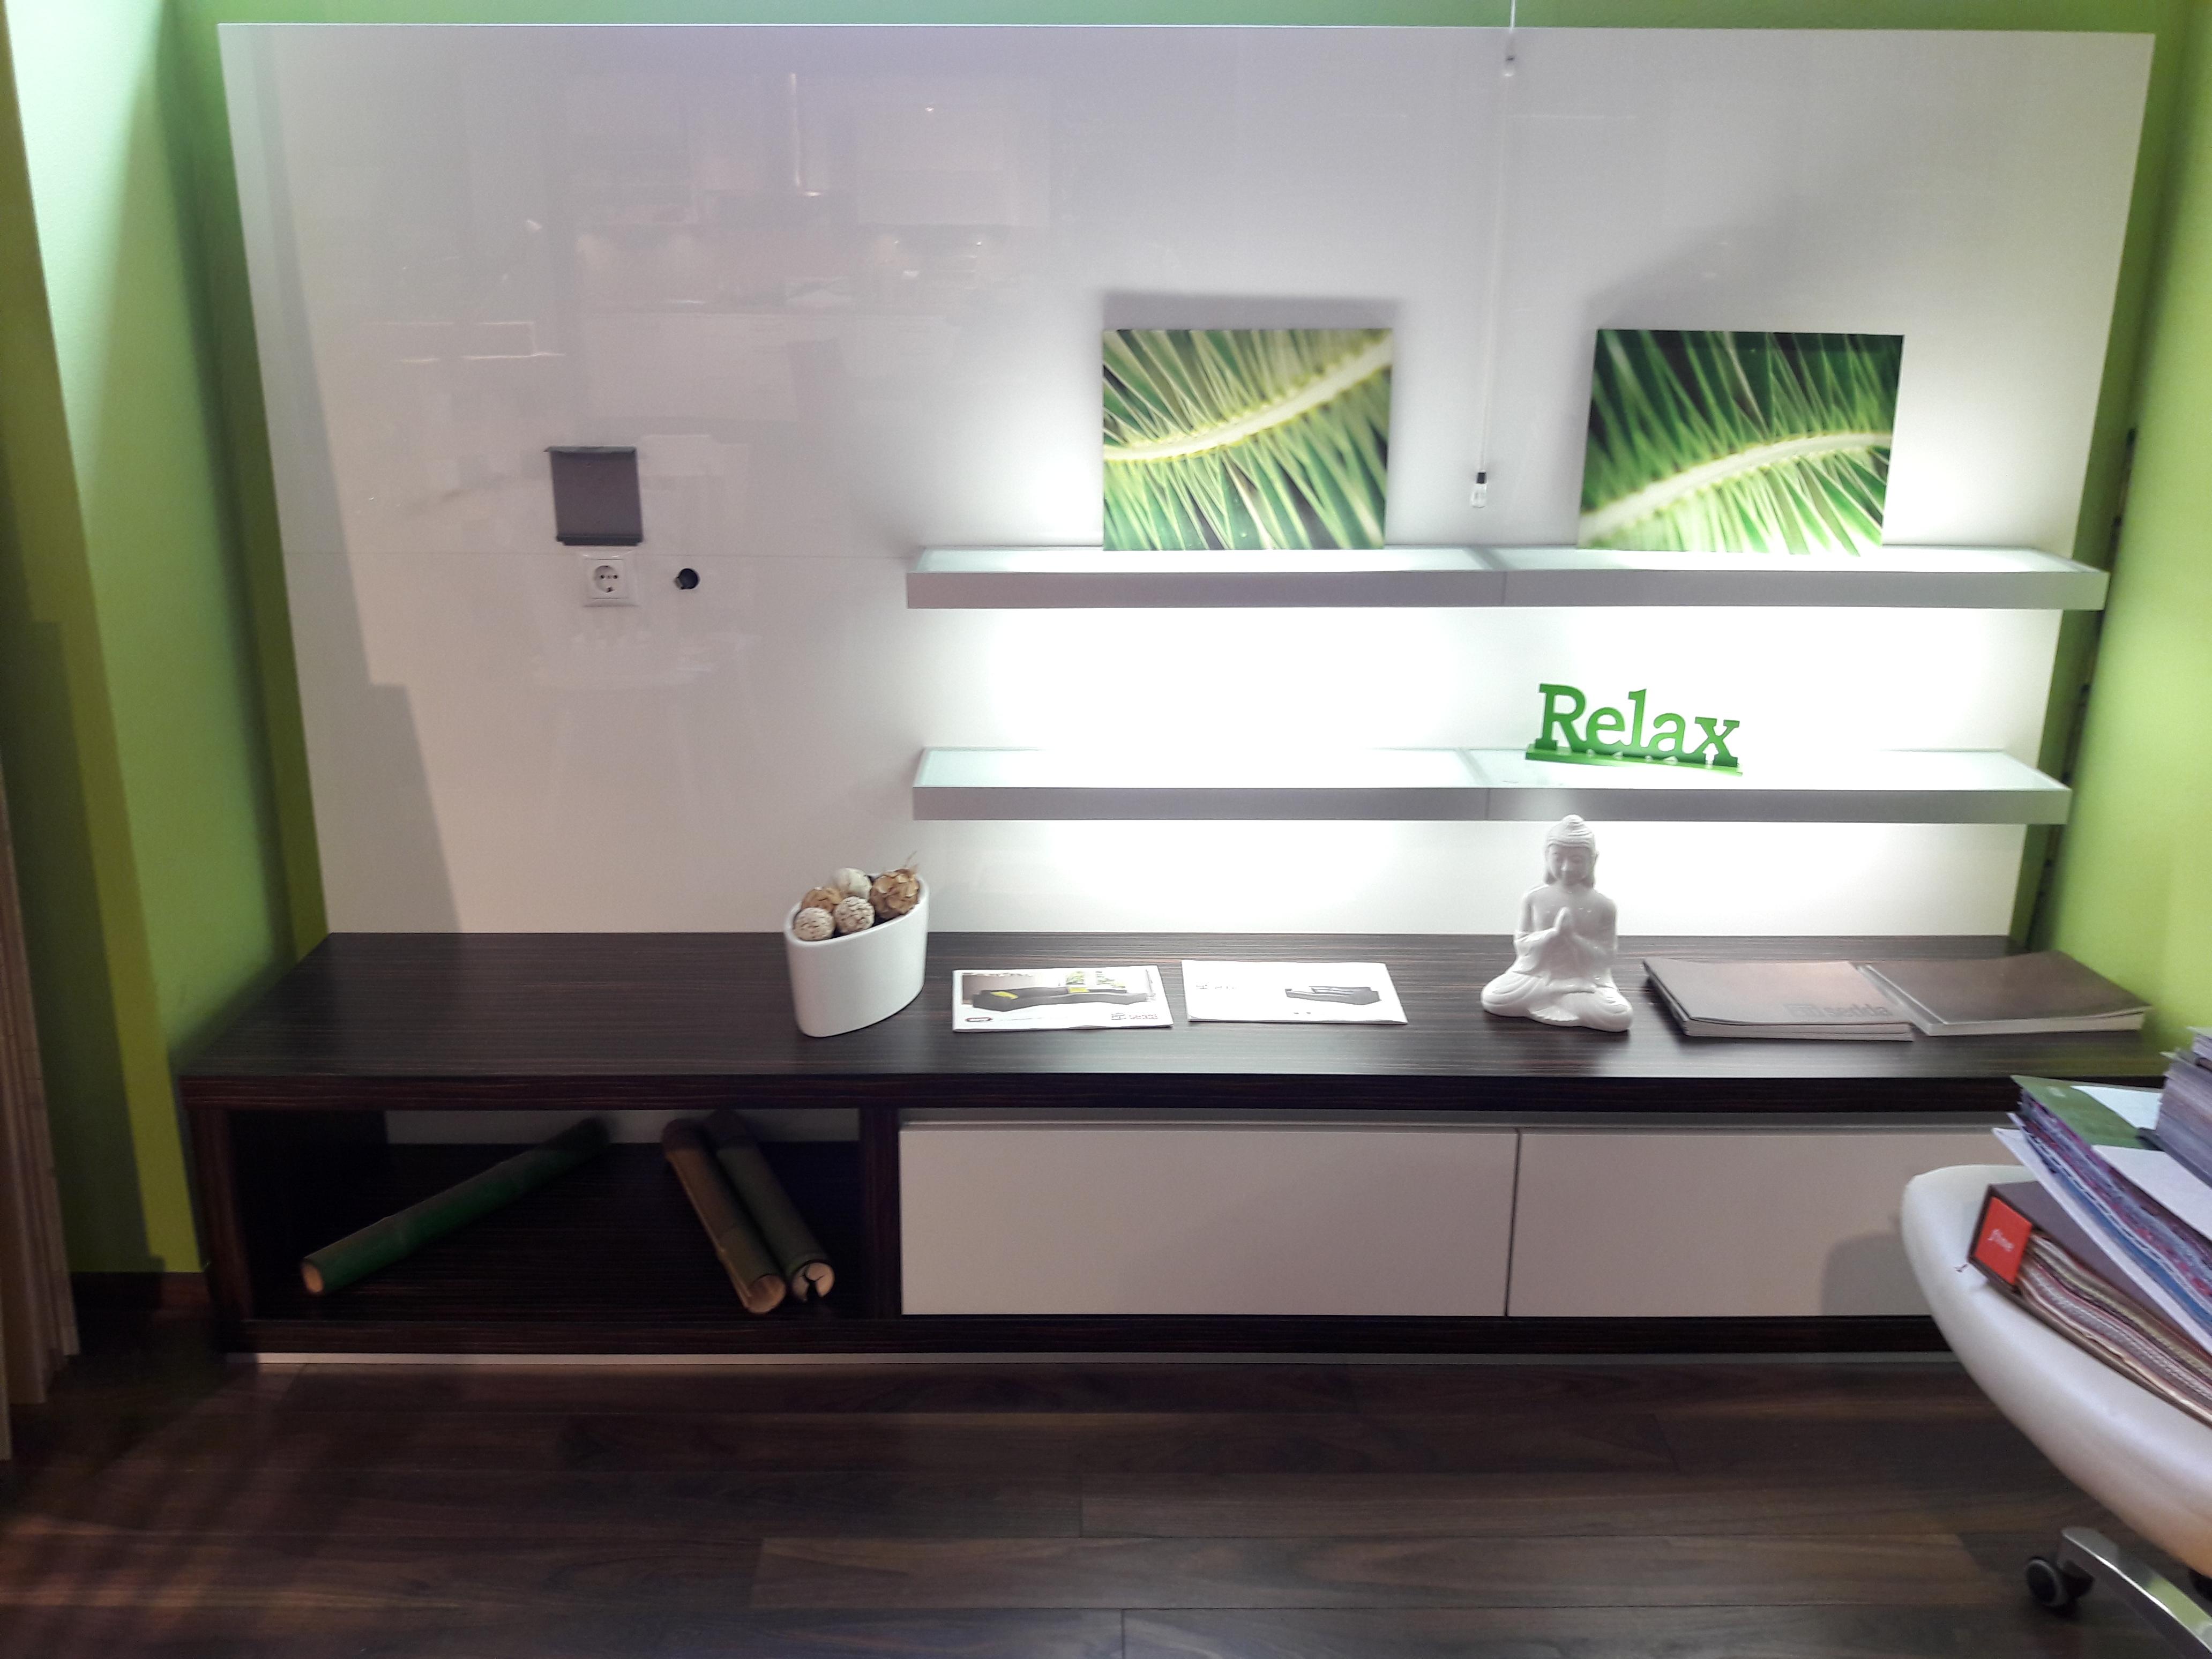 Ungewöhnlich Wand Küche Tv Ideen - Küchenschrank Ideen - hemmahososs ...